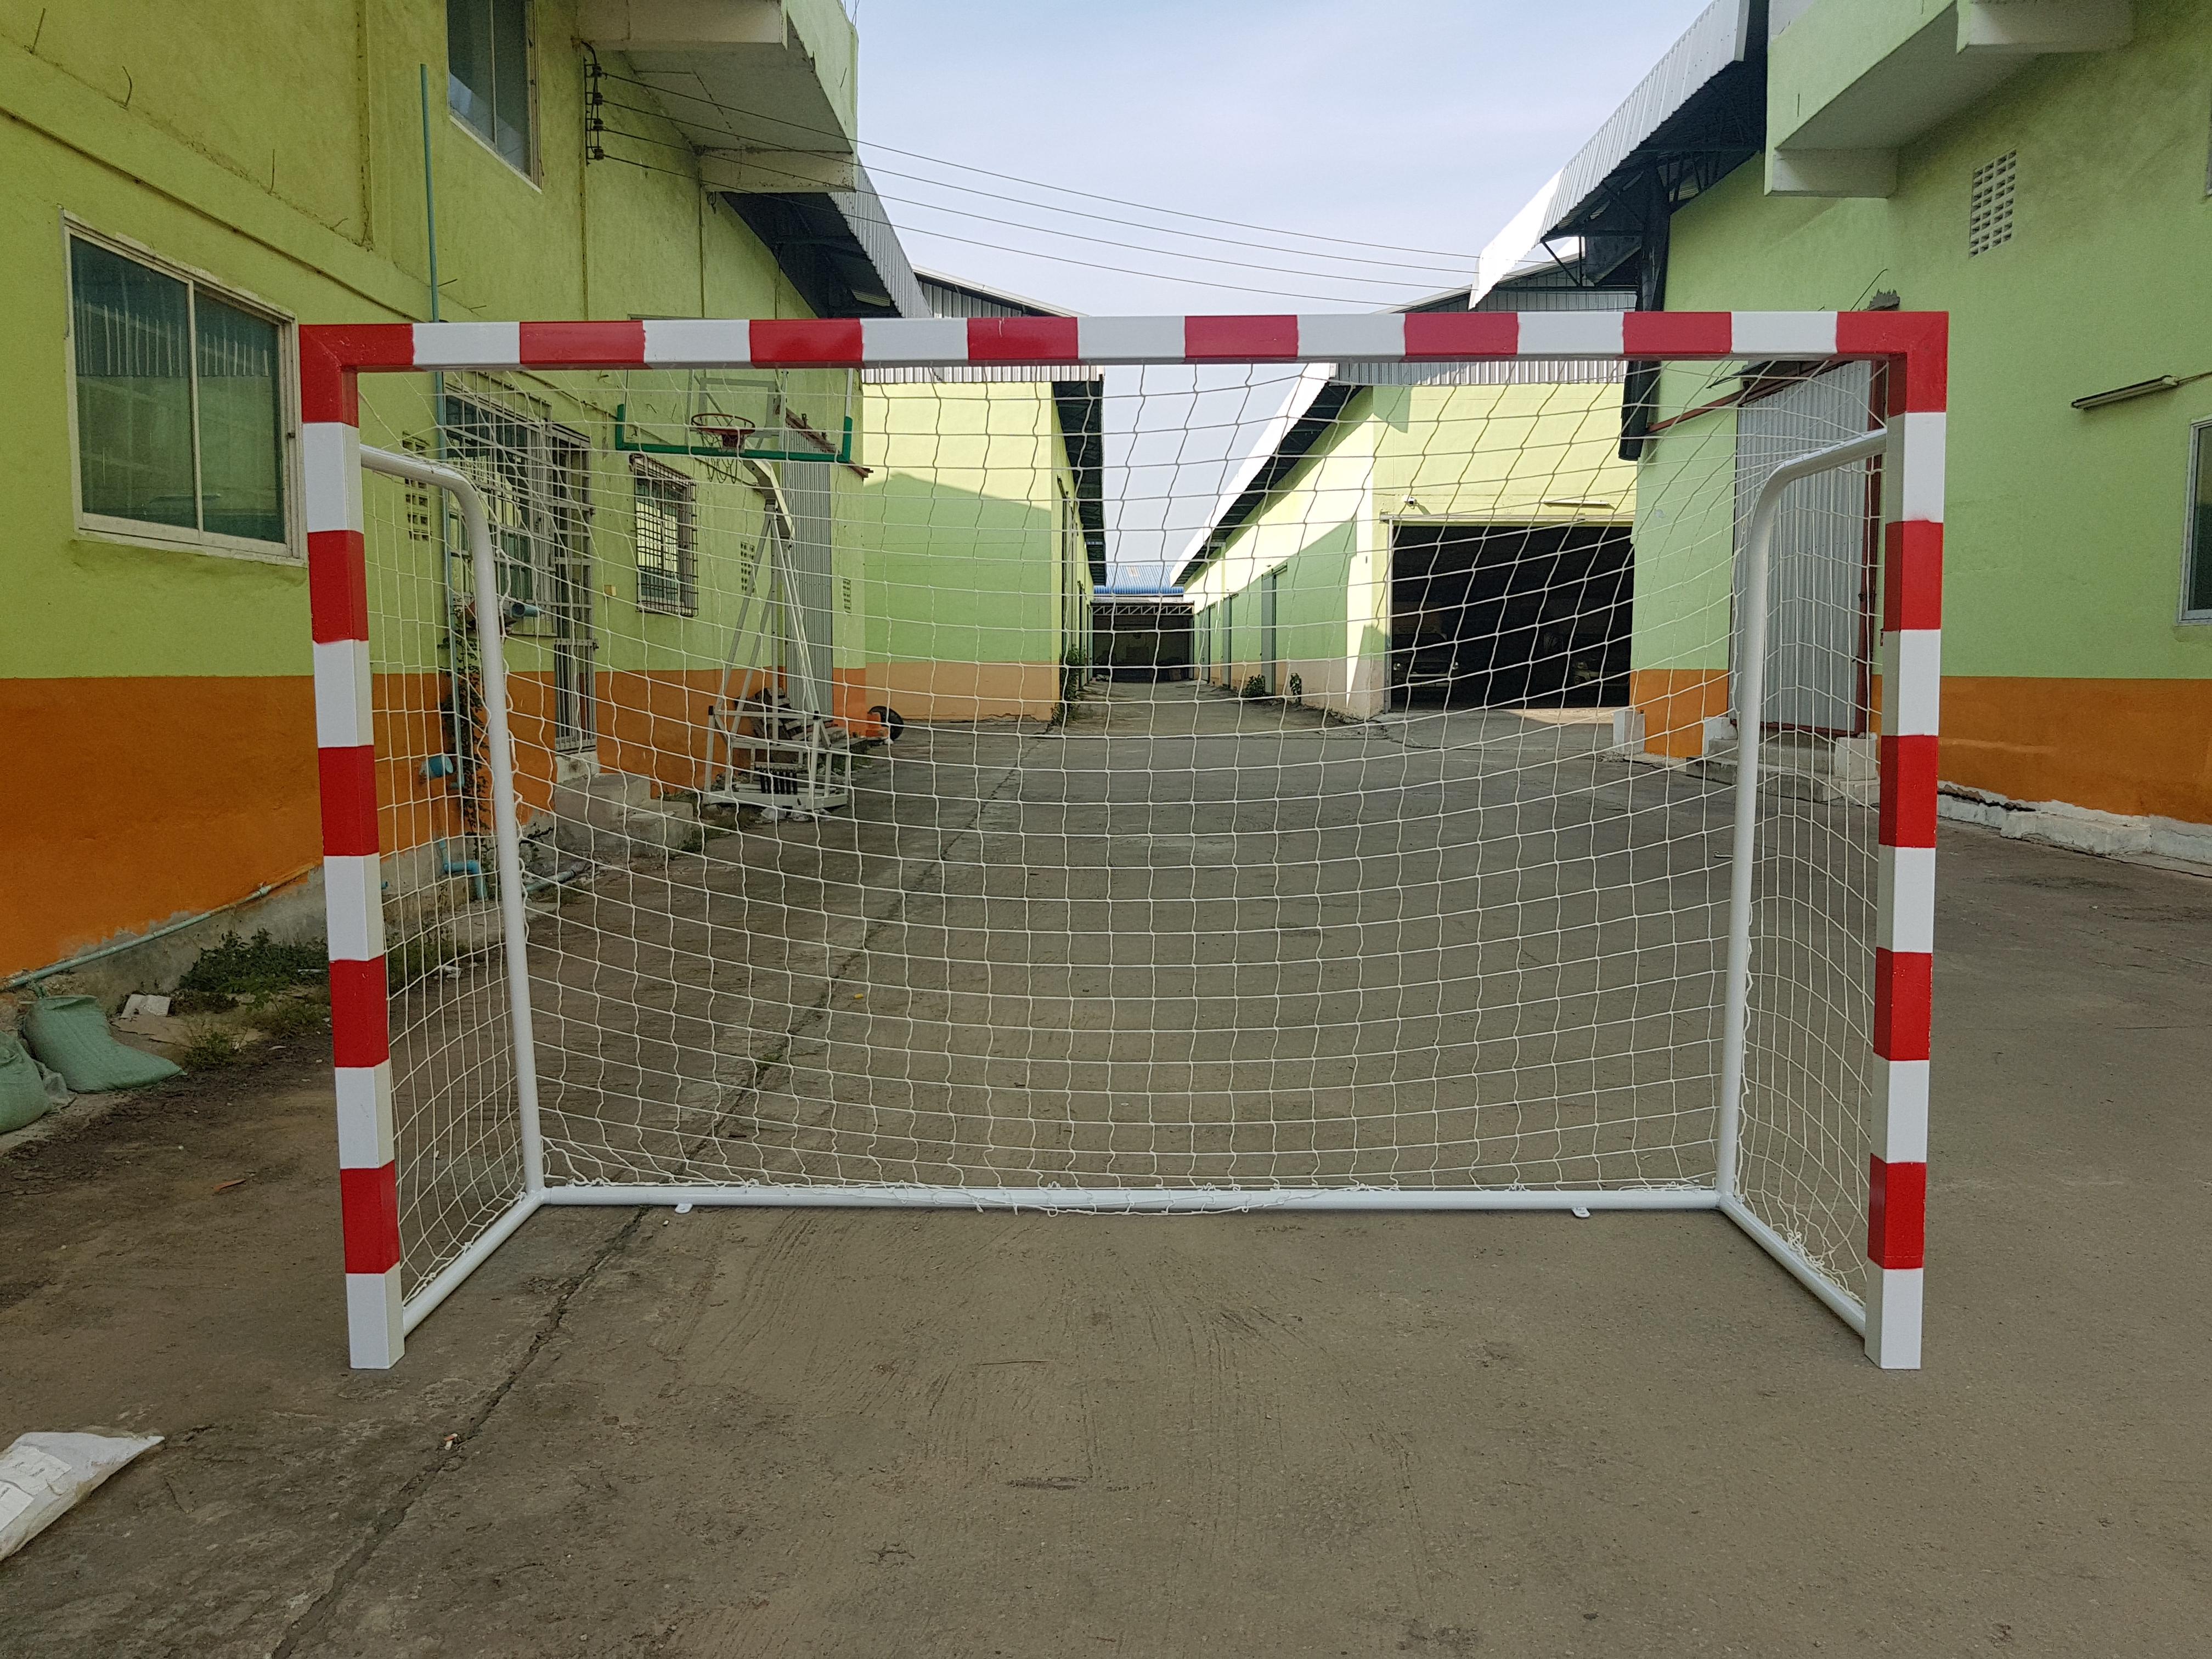 ข้อต่อประตูฟุตซอล ขาว แดง 8x8